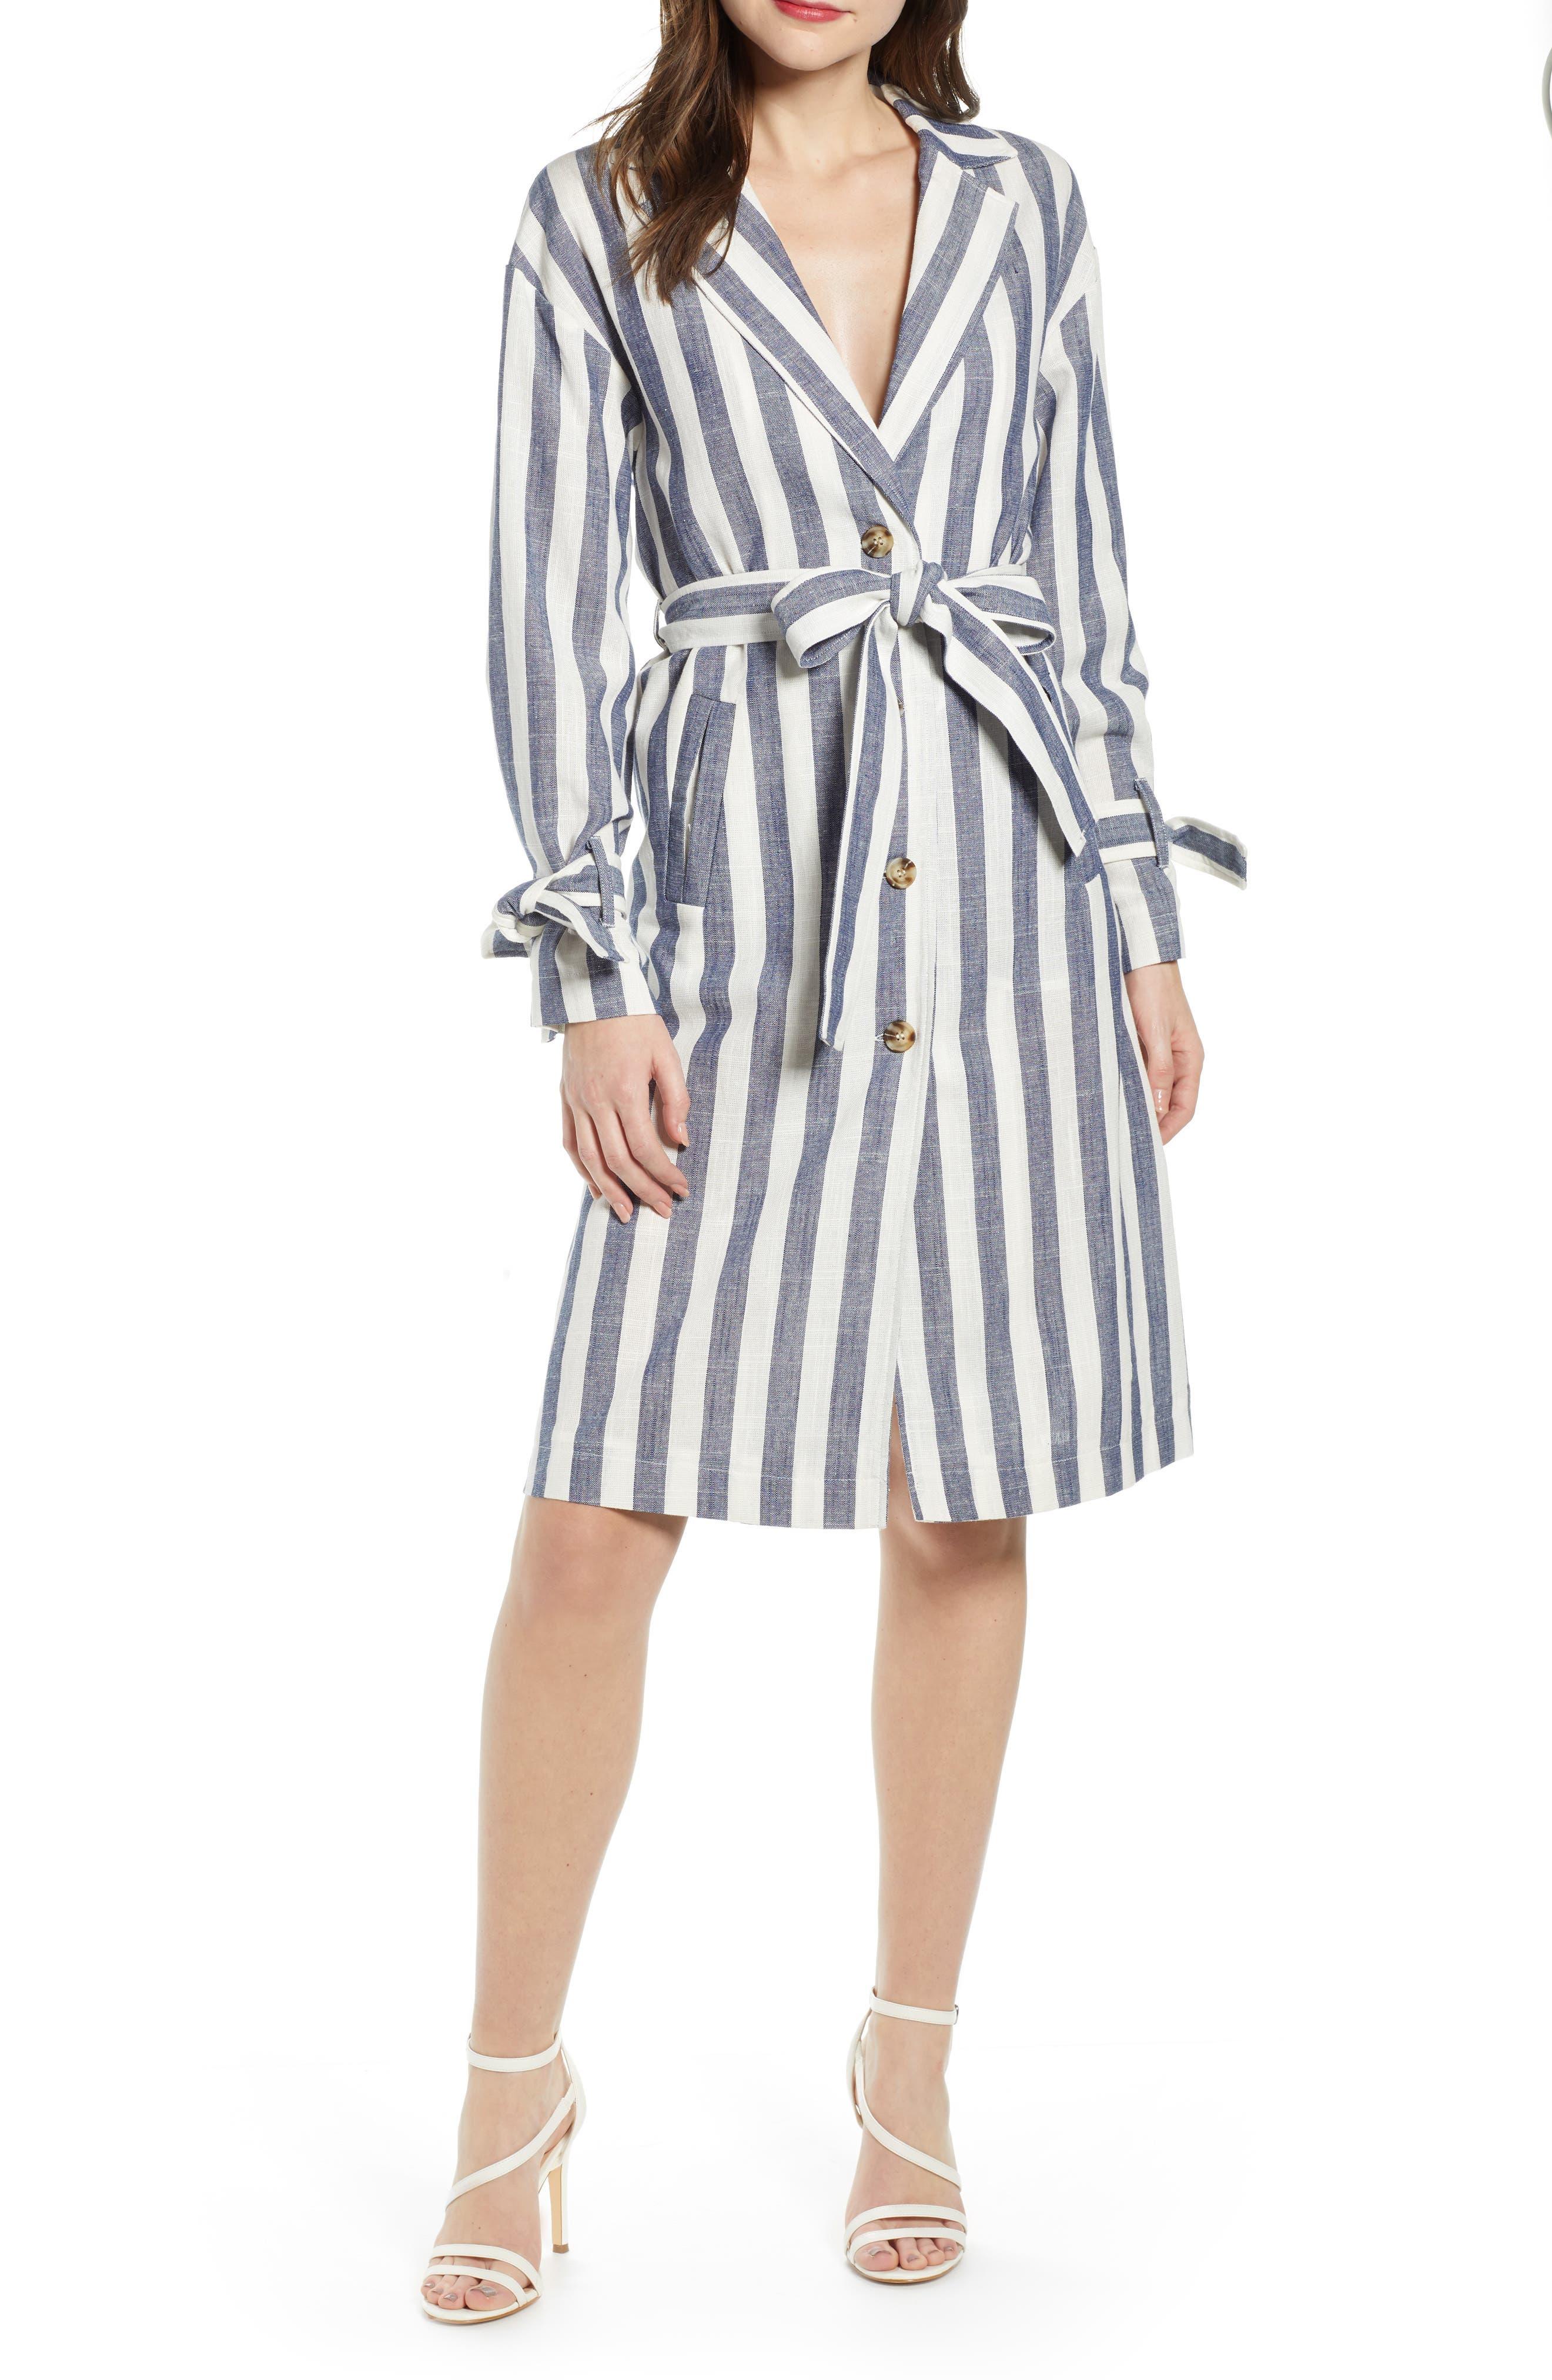 J.O.A. Stripe Cotton & Linen Shirtdress, Main, color, NAVY/ WHITE STRIPE